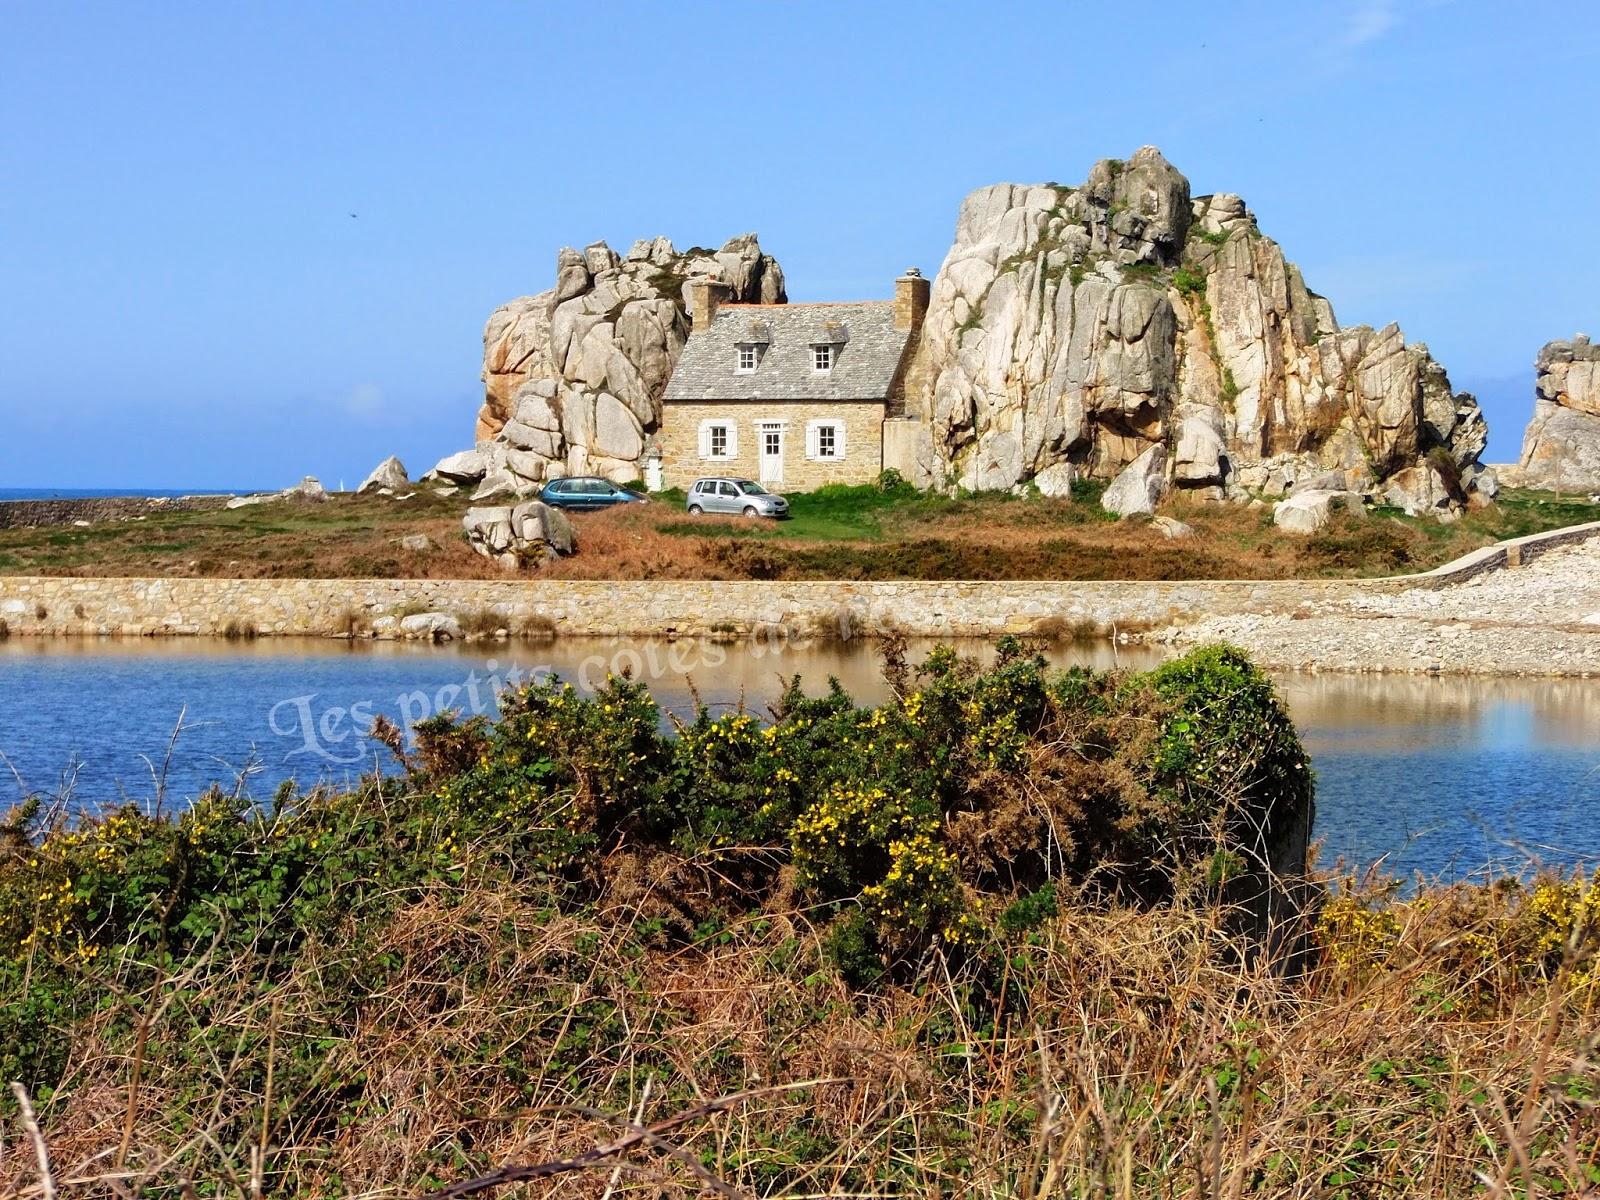 Les petits c t s de rose c te d 39 armor castel meur - Maison entre deux rochers ...